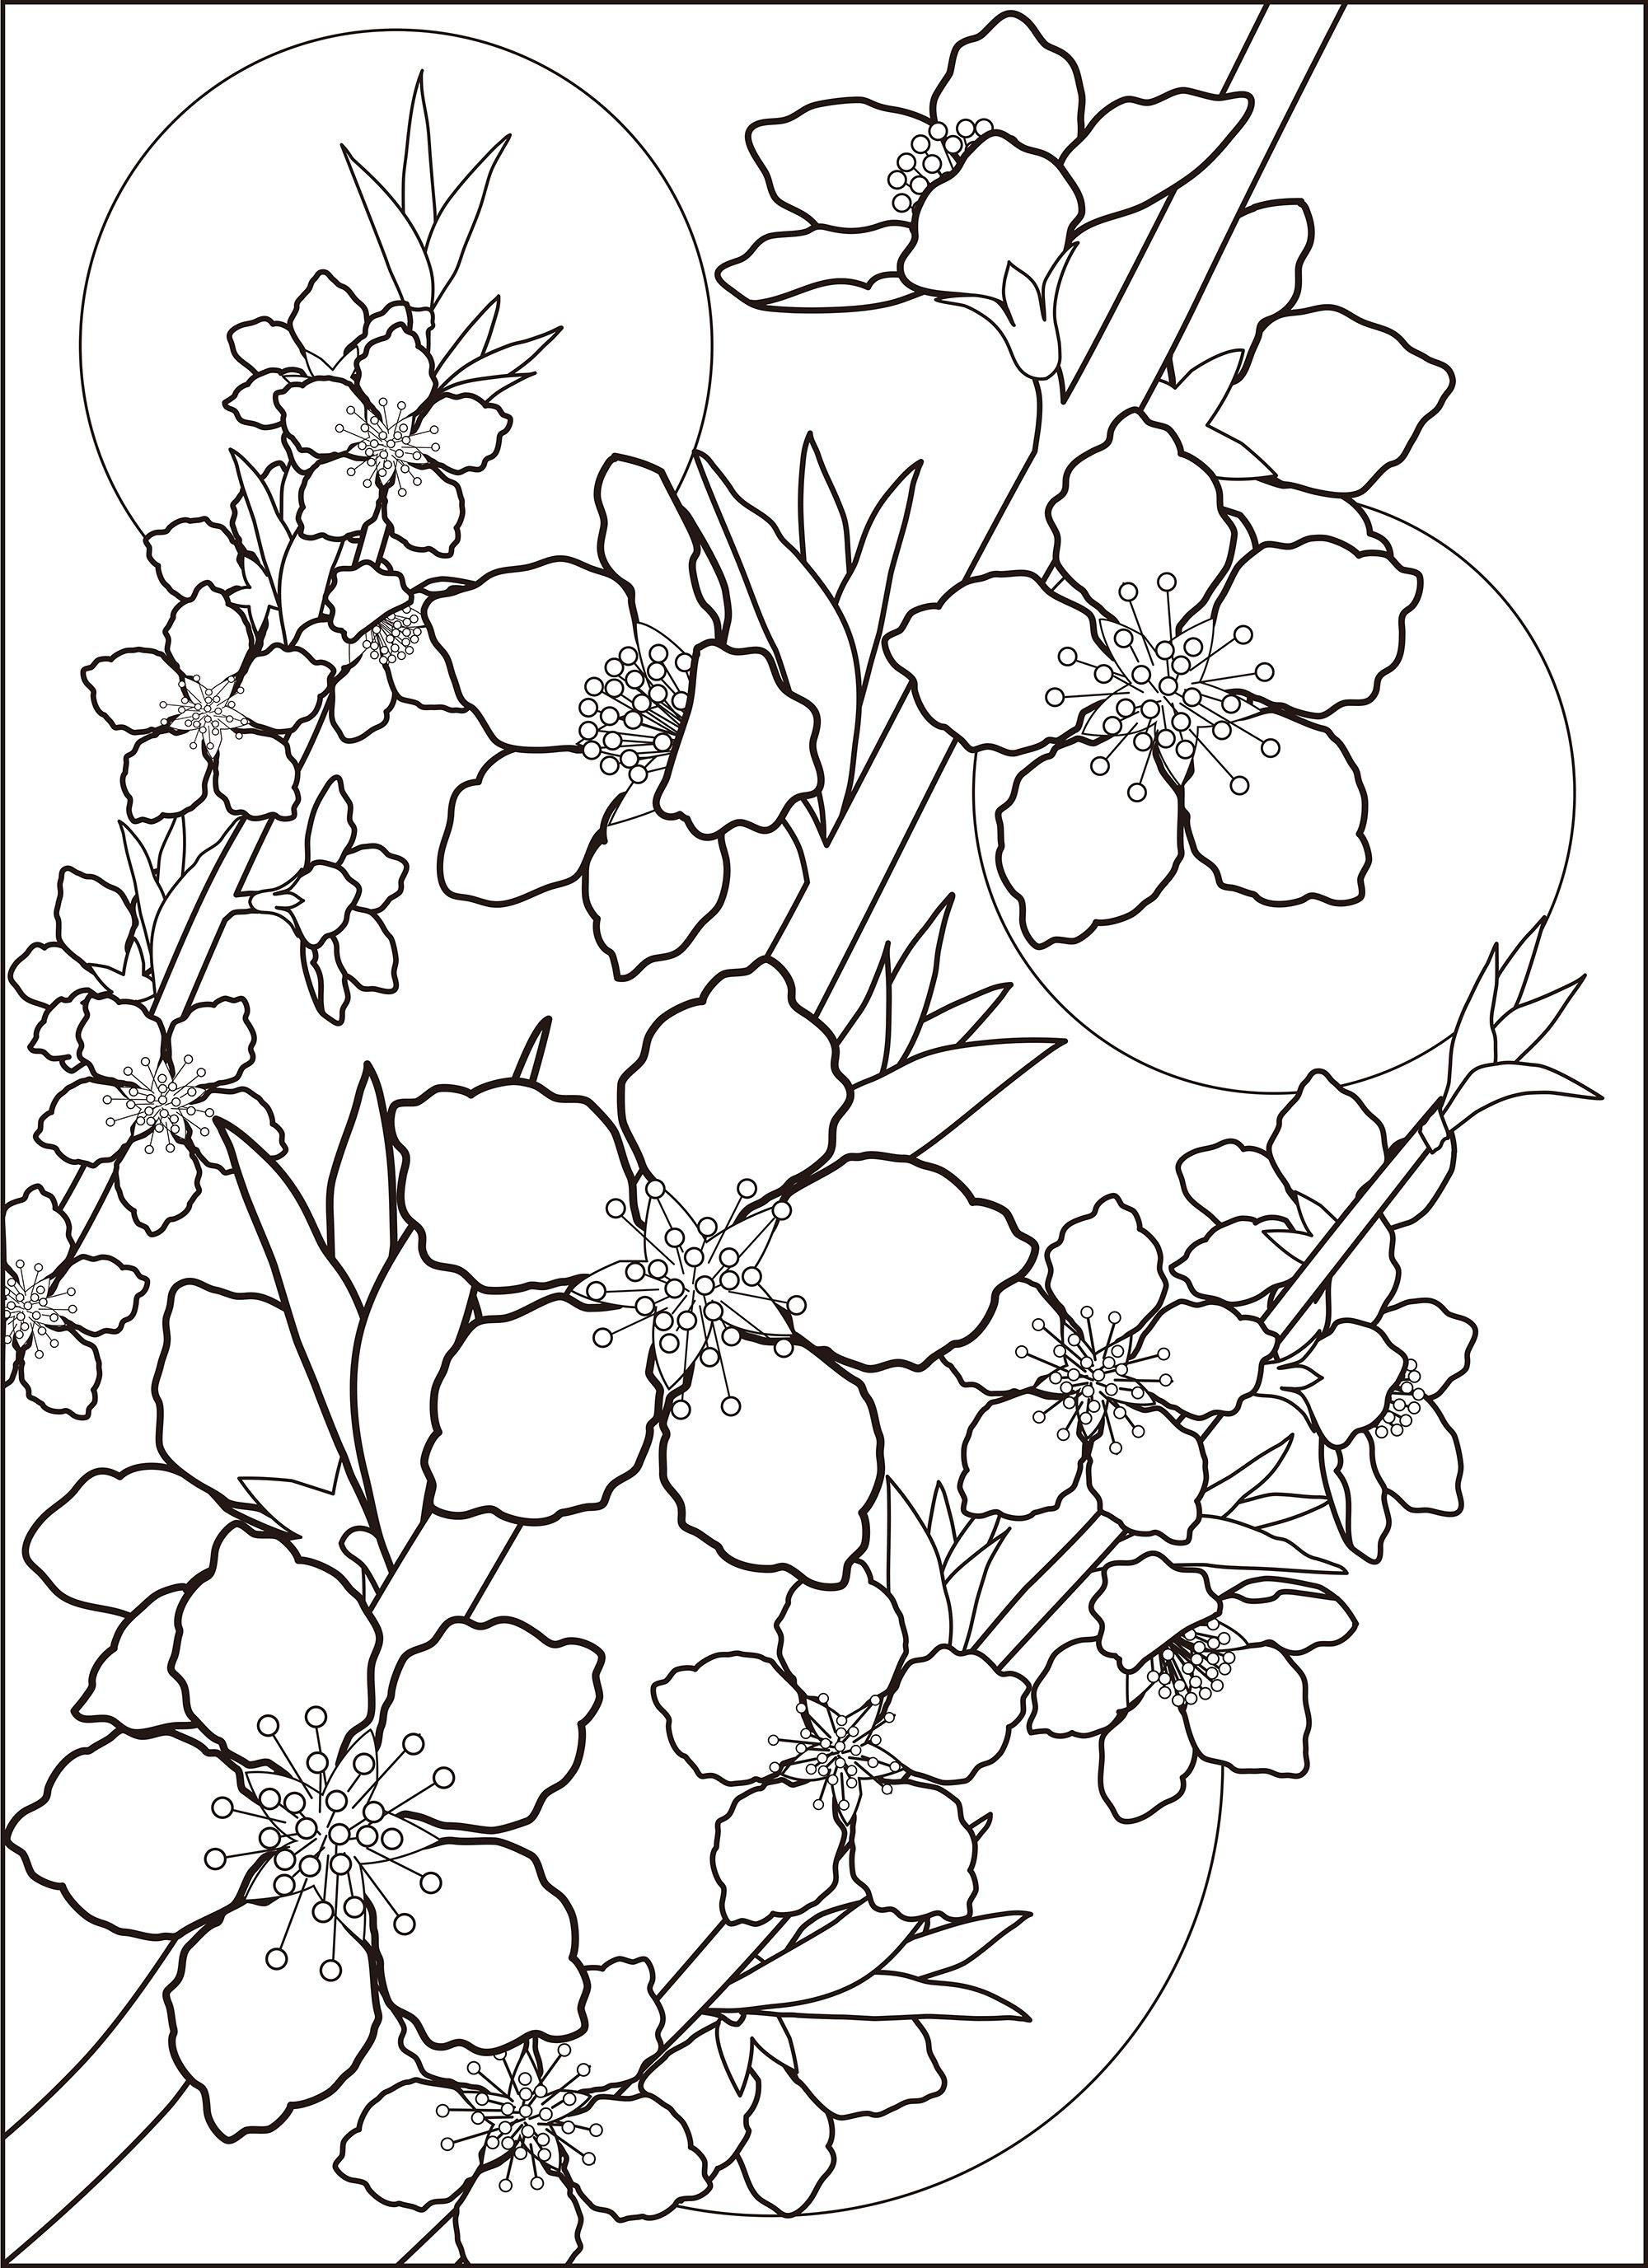 レク素材 桃の花 介護レク広場 レク素材やレクネタ 企画書 の無料ダウンロード 花の塗り絵 塗り絵 無料 花 桜 デザイン イラスト